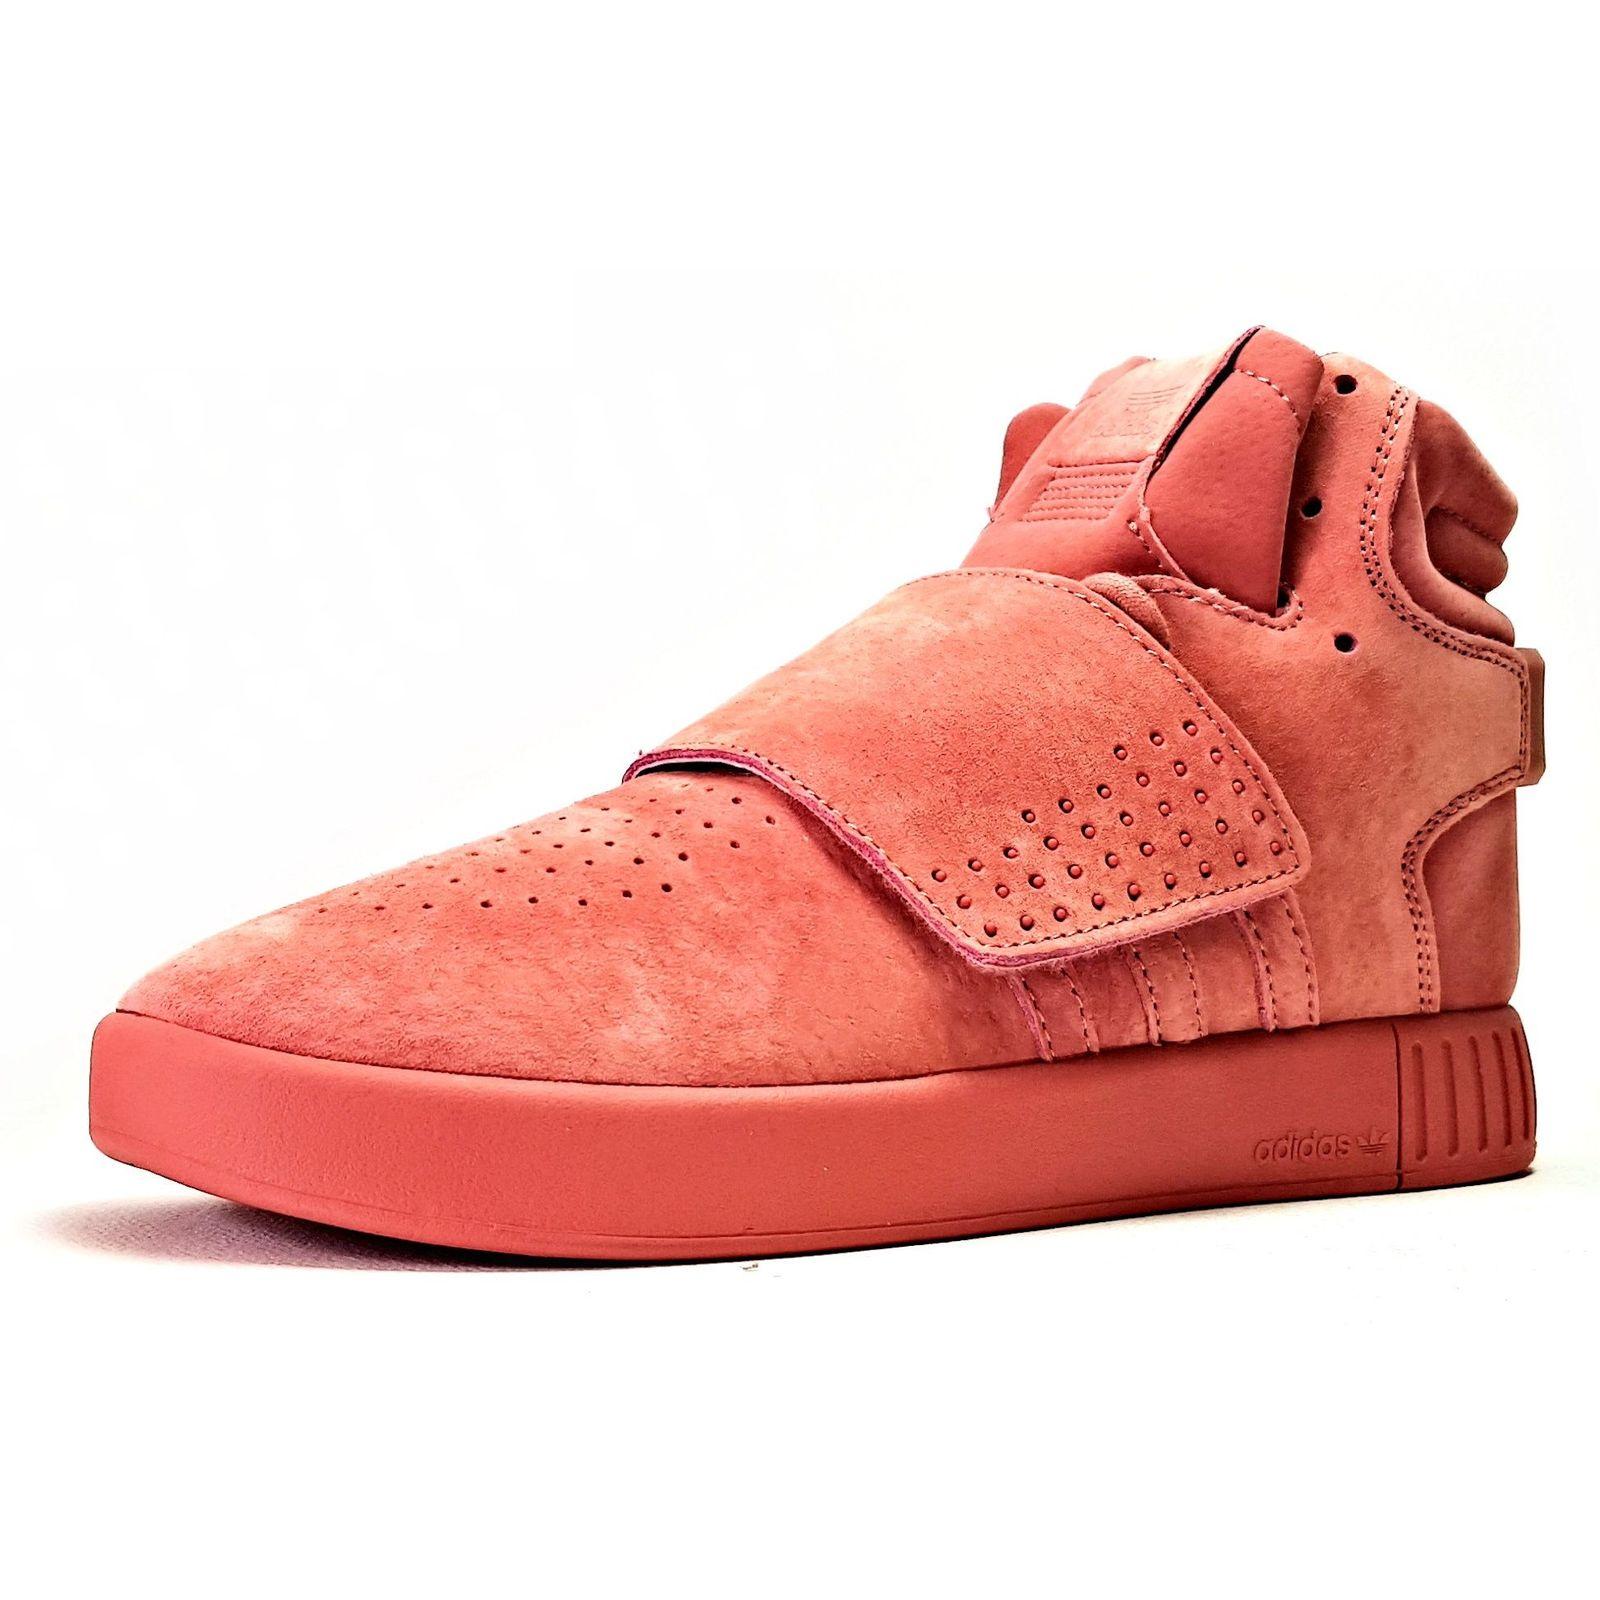 کفش مخصوص پیاده روی مدل Tubular